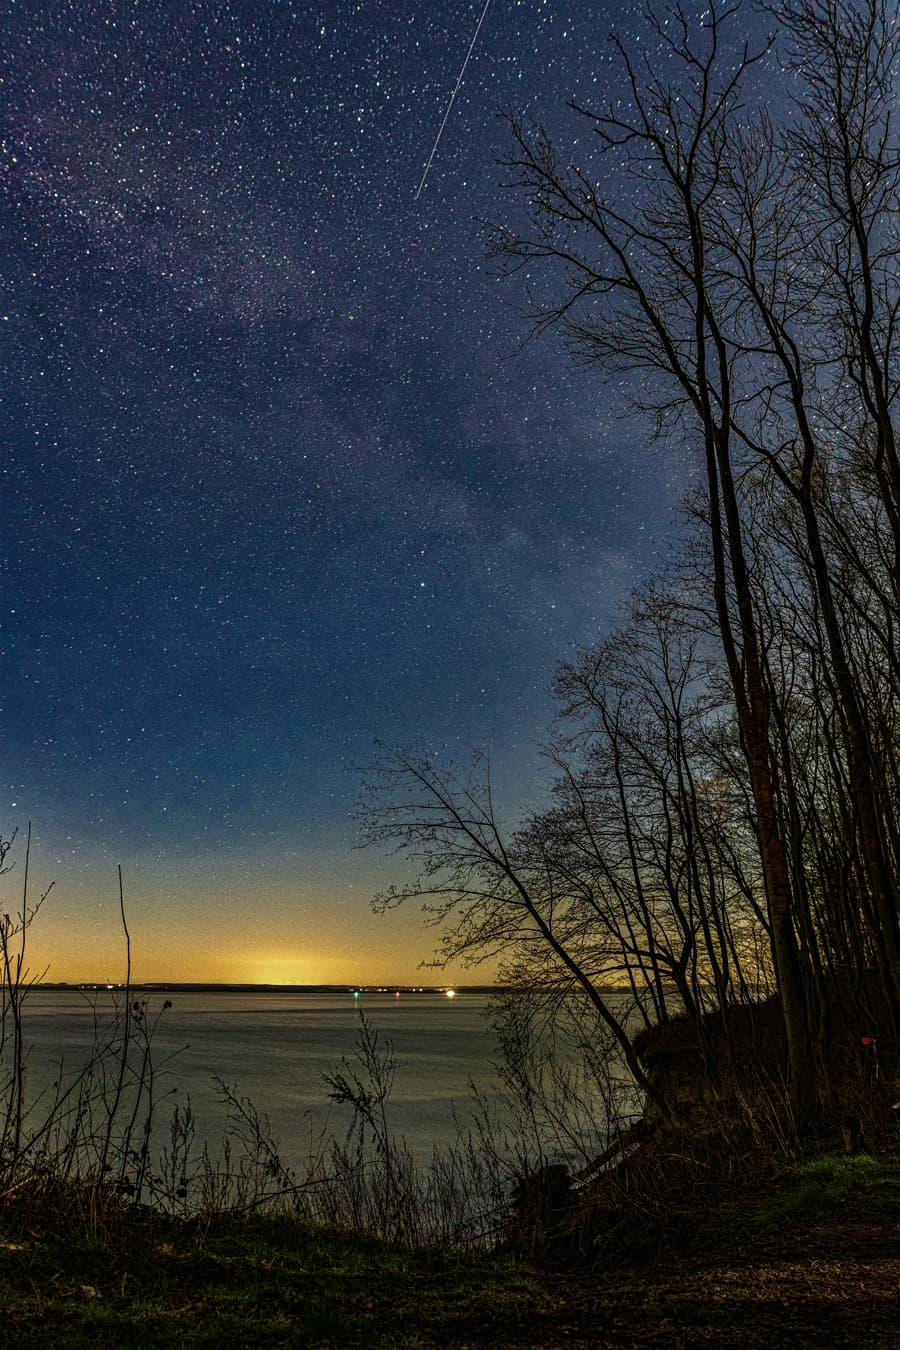 Kameraeinstellungen bei der Sternenfotografie